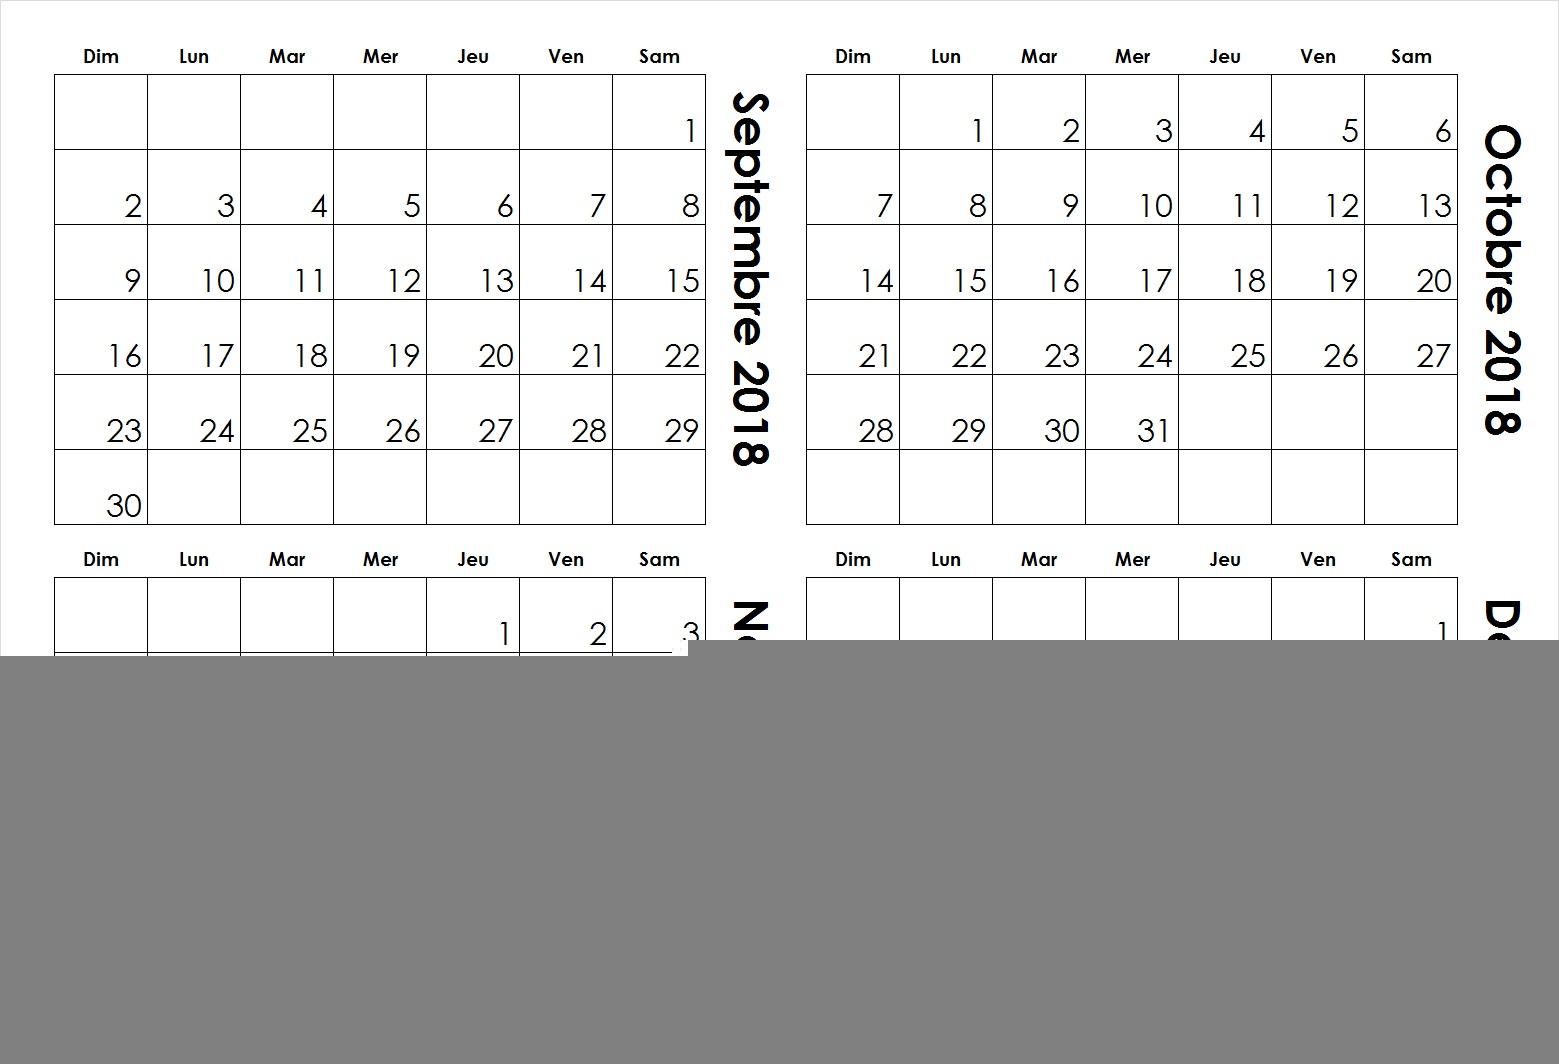 Septembre Octobre Novembre Decembre 2018 Calendrier Modèle à Calendrier Mensuel 2018 À Imprimer